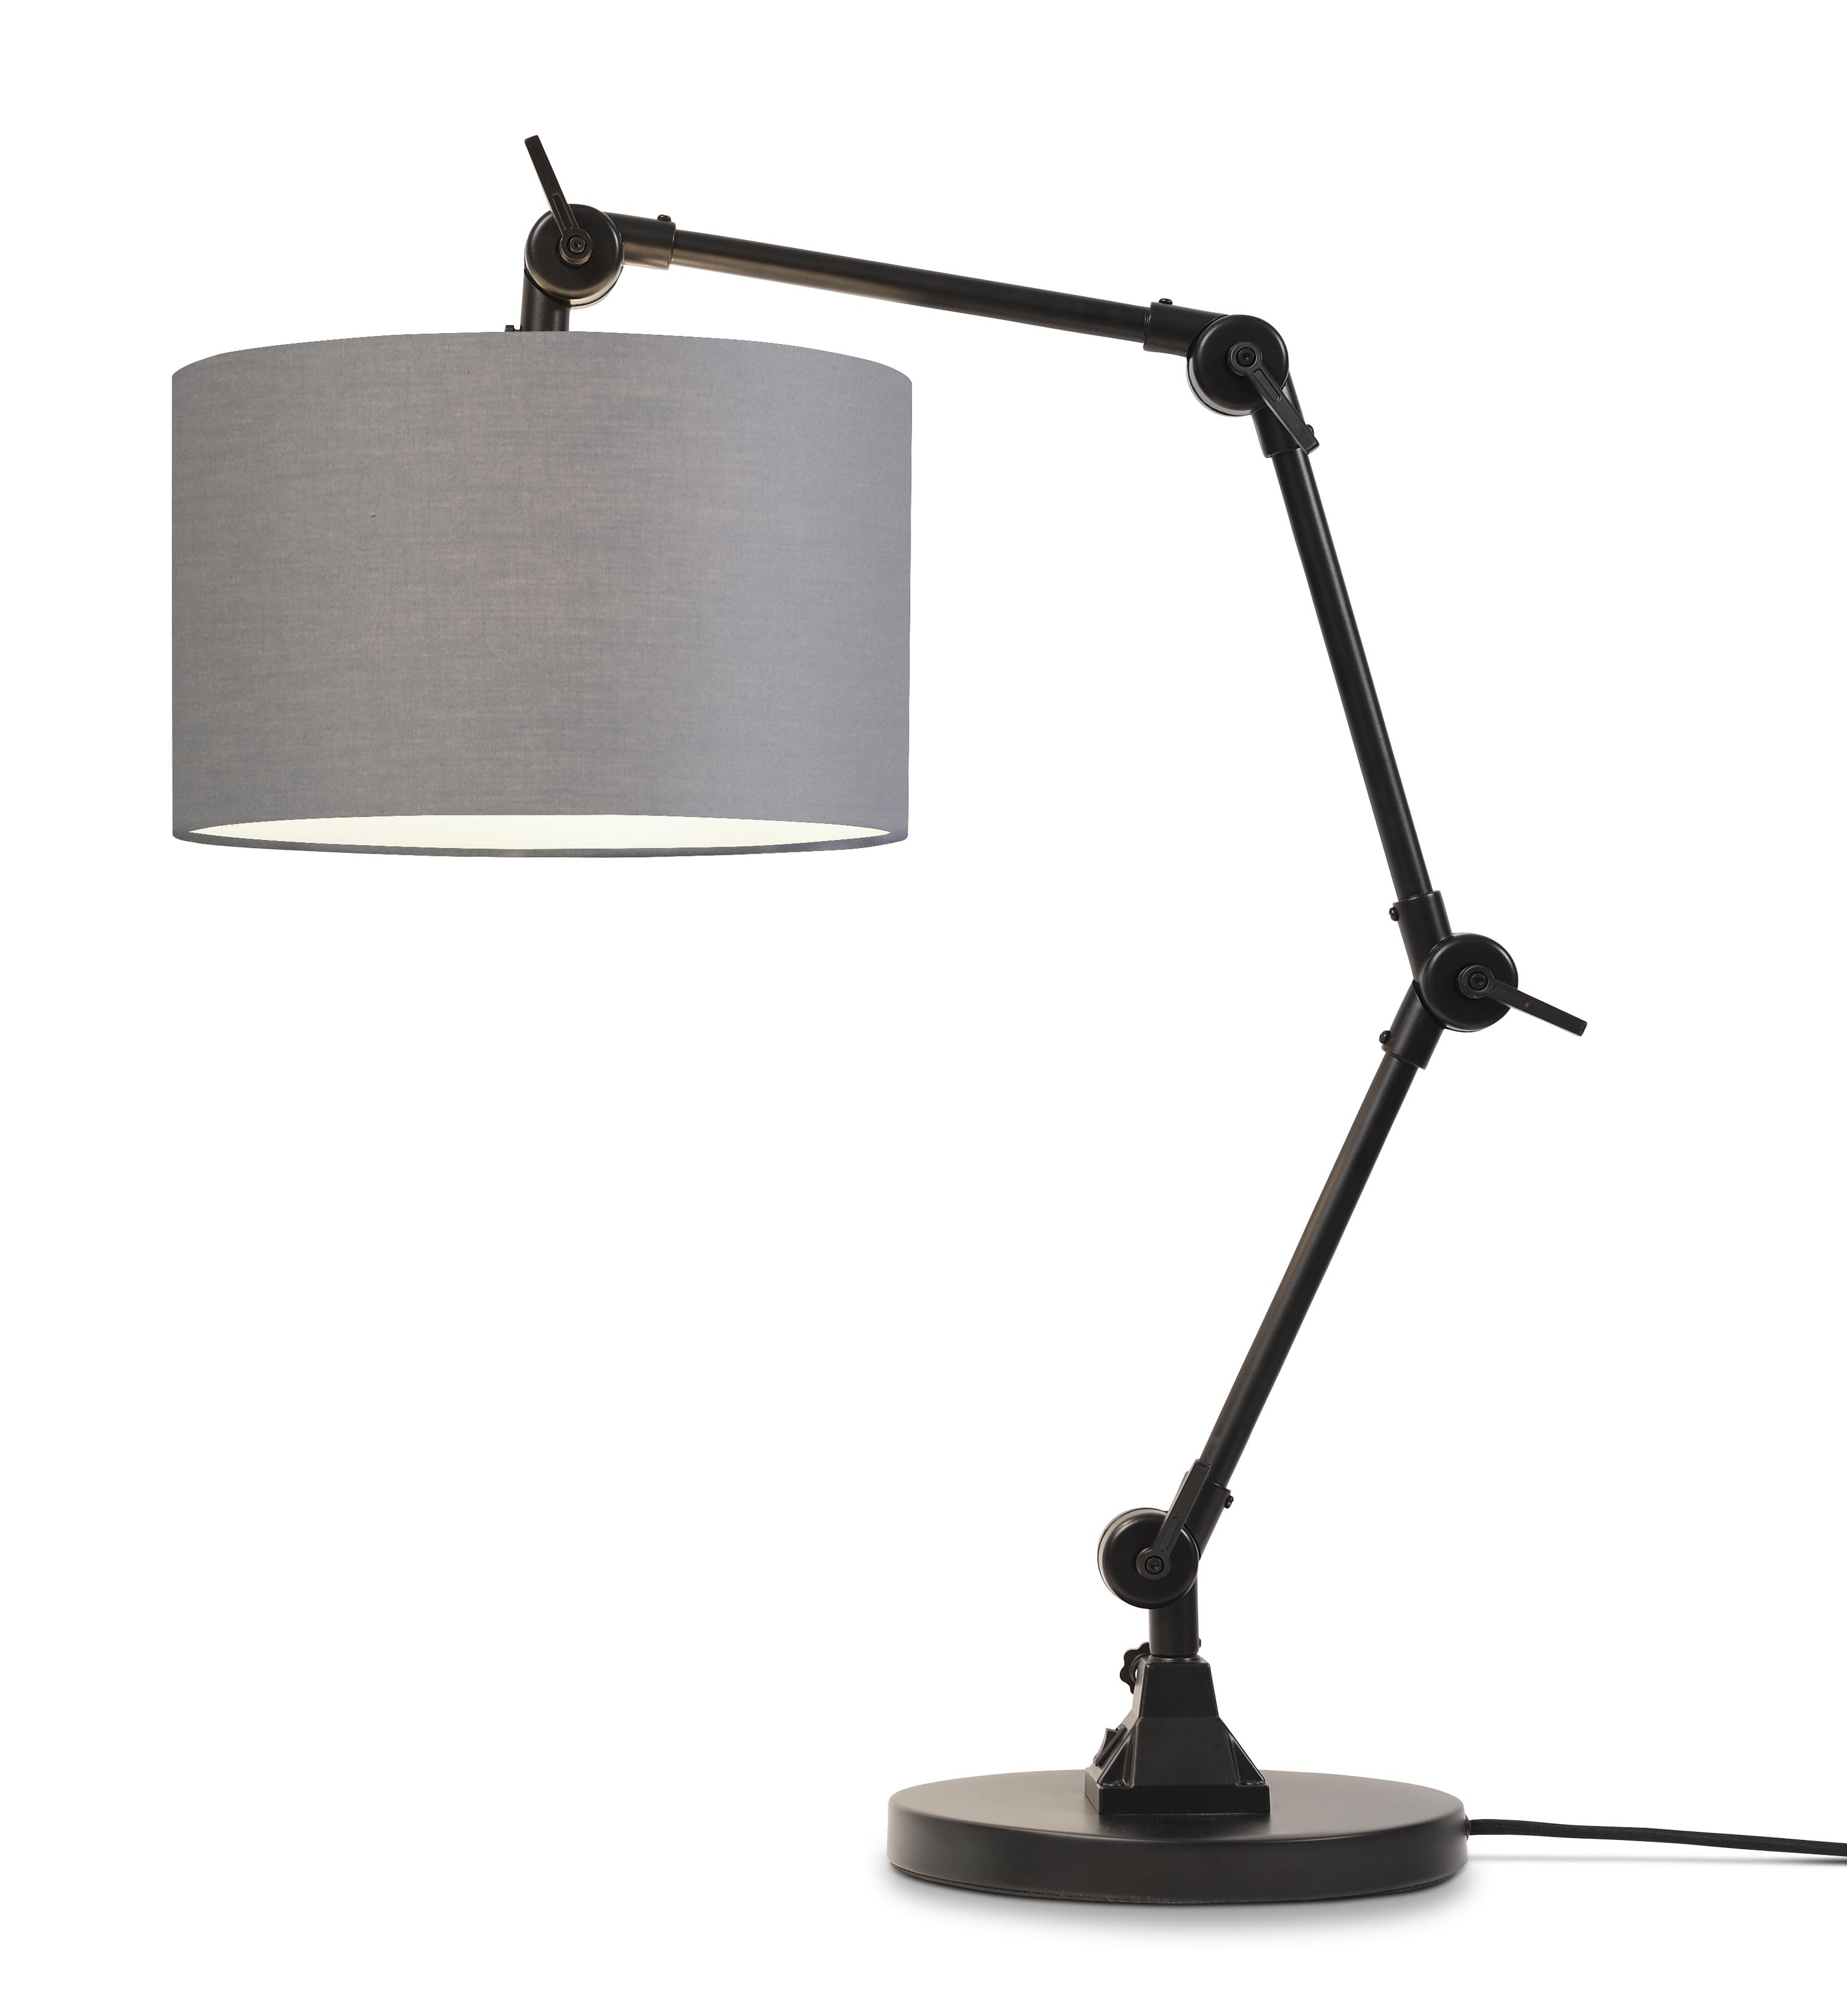 Lampe de table noire flexible et abat-jour gris H100cm